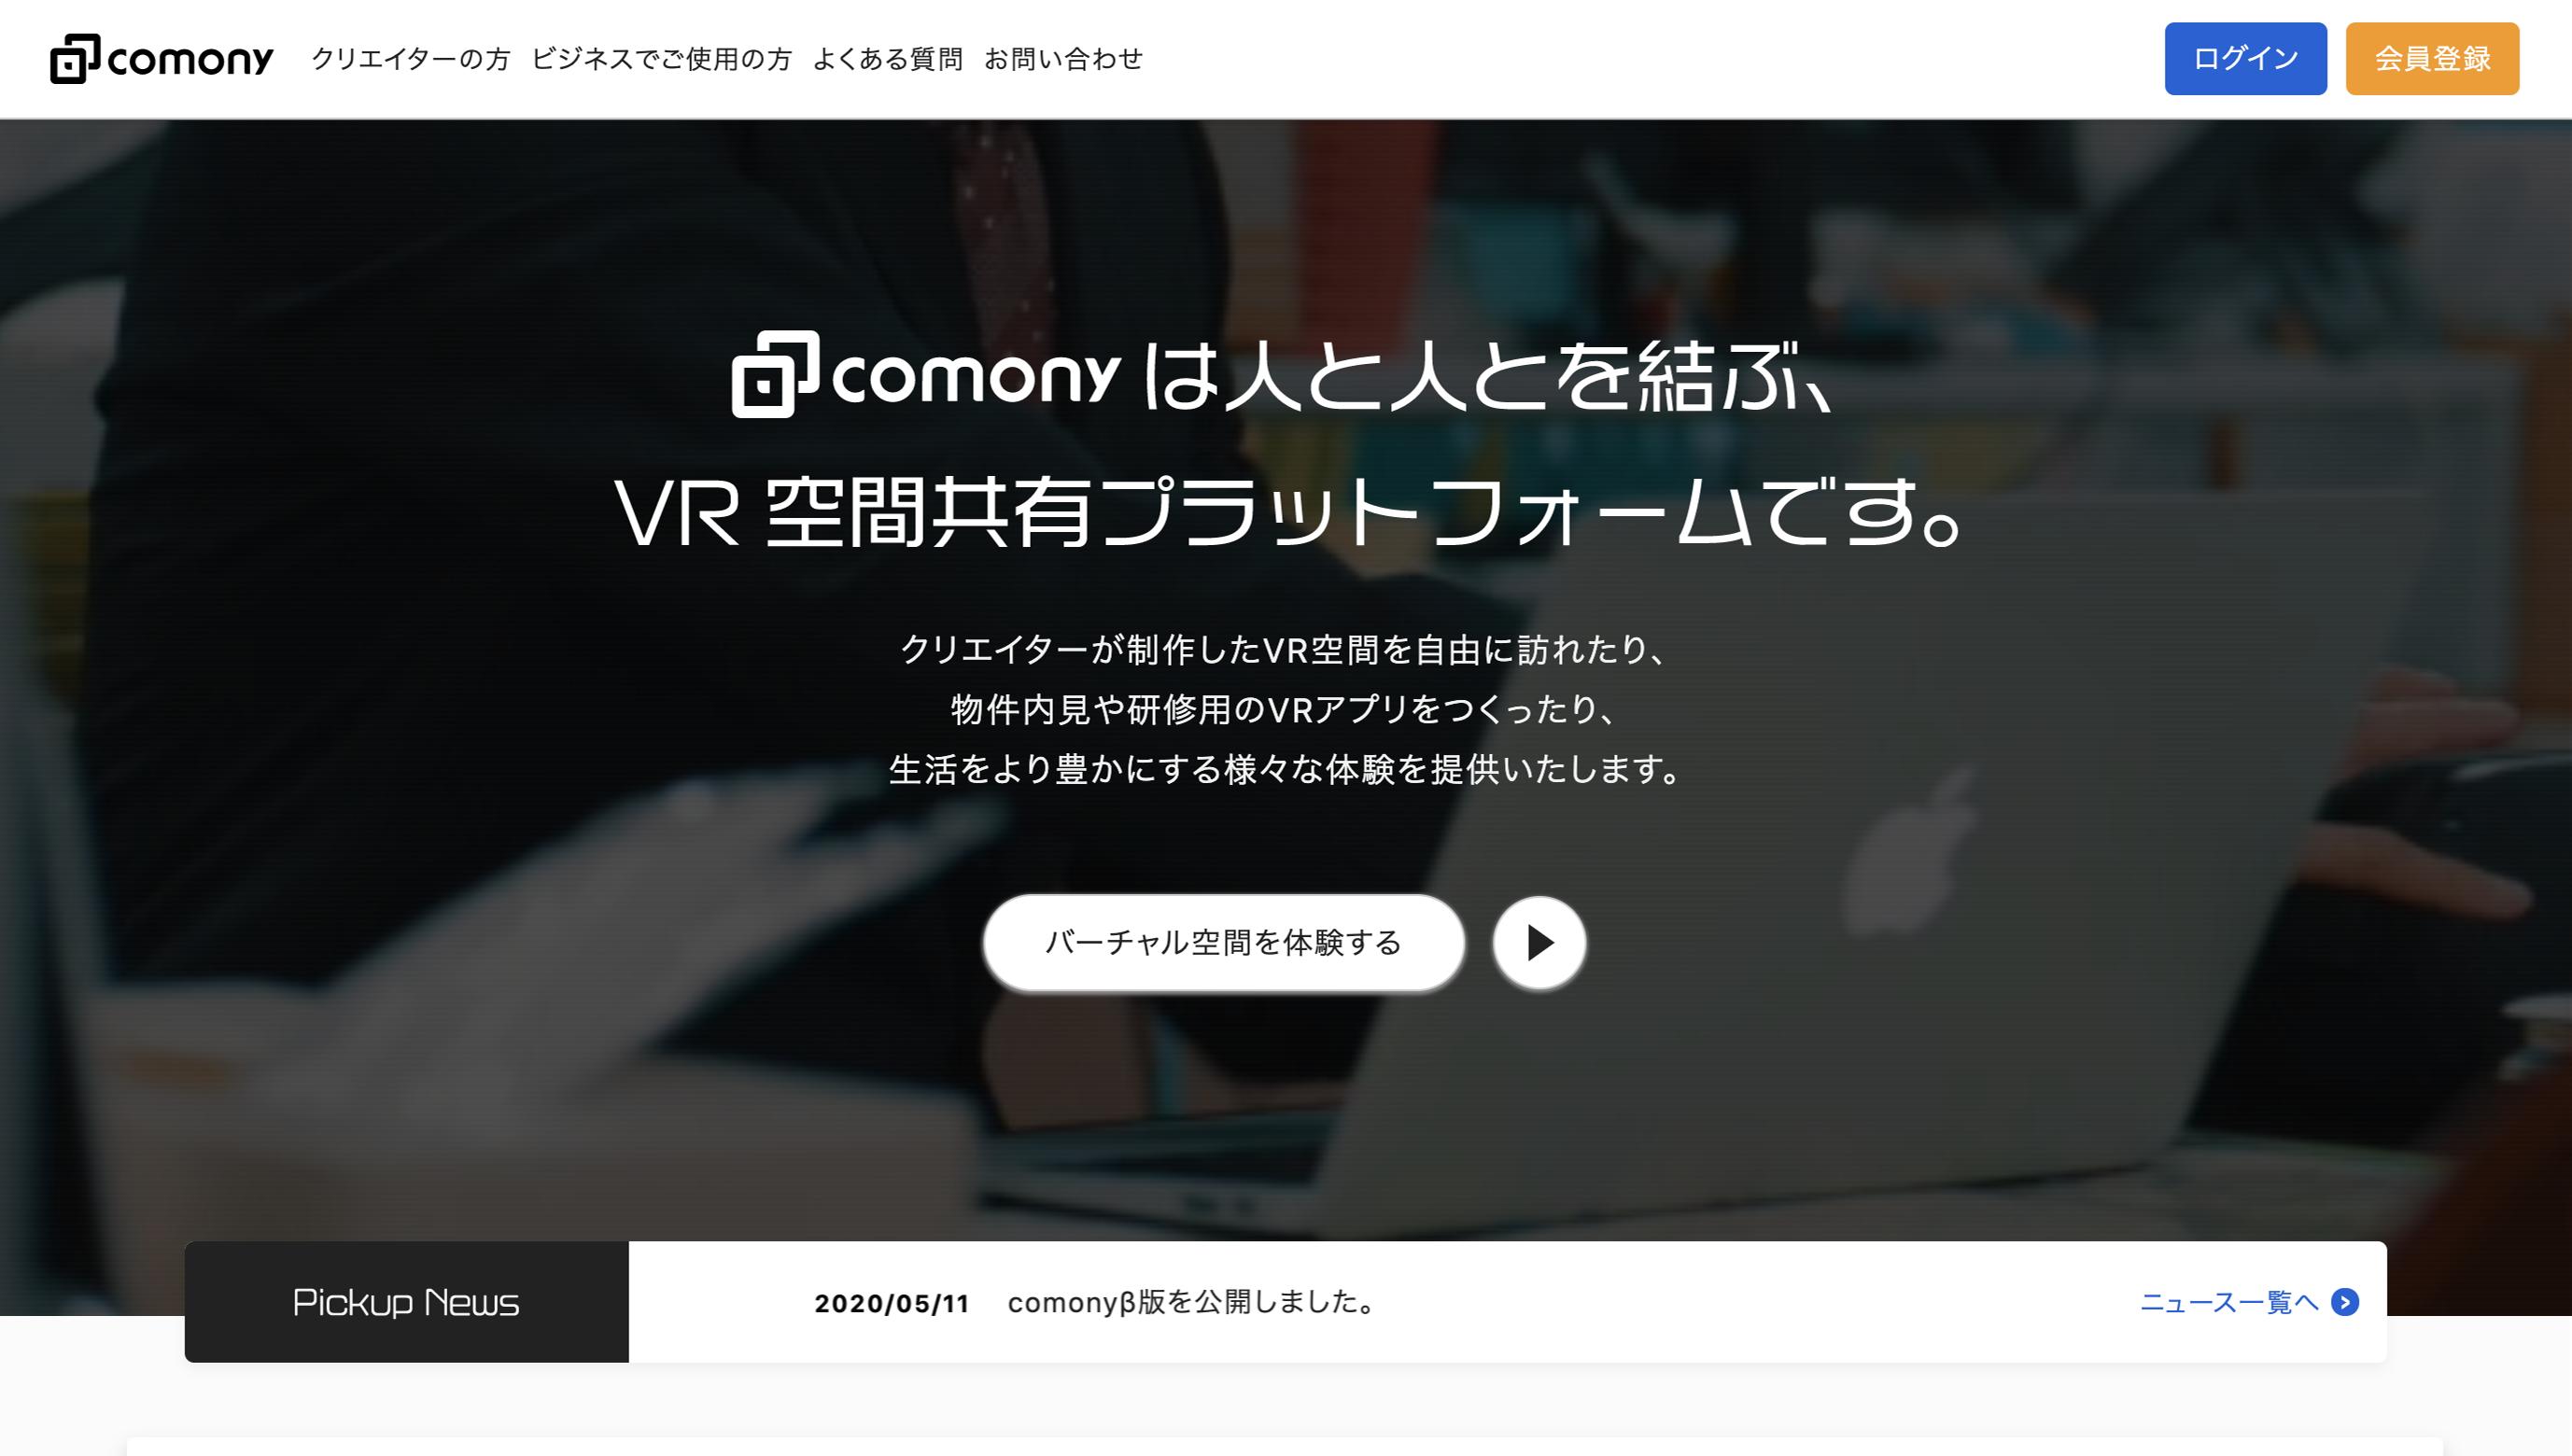 VRで人と人をつなげる空間共有プラットフォーム【comony】